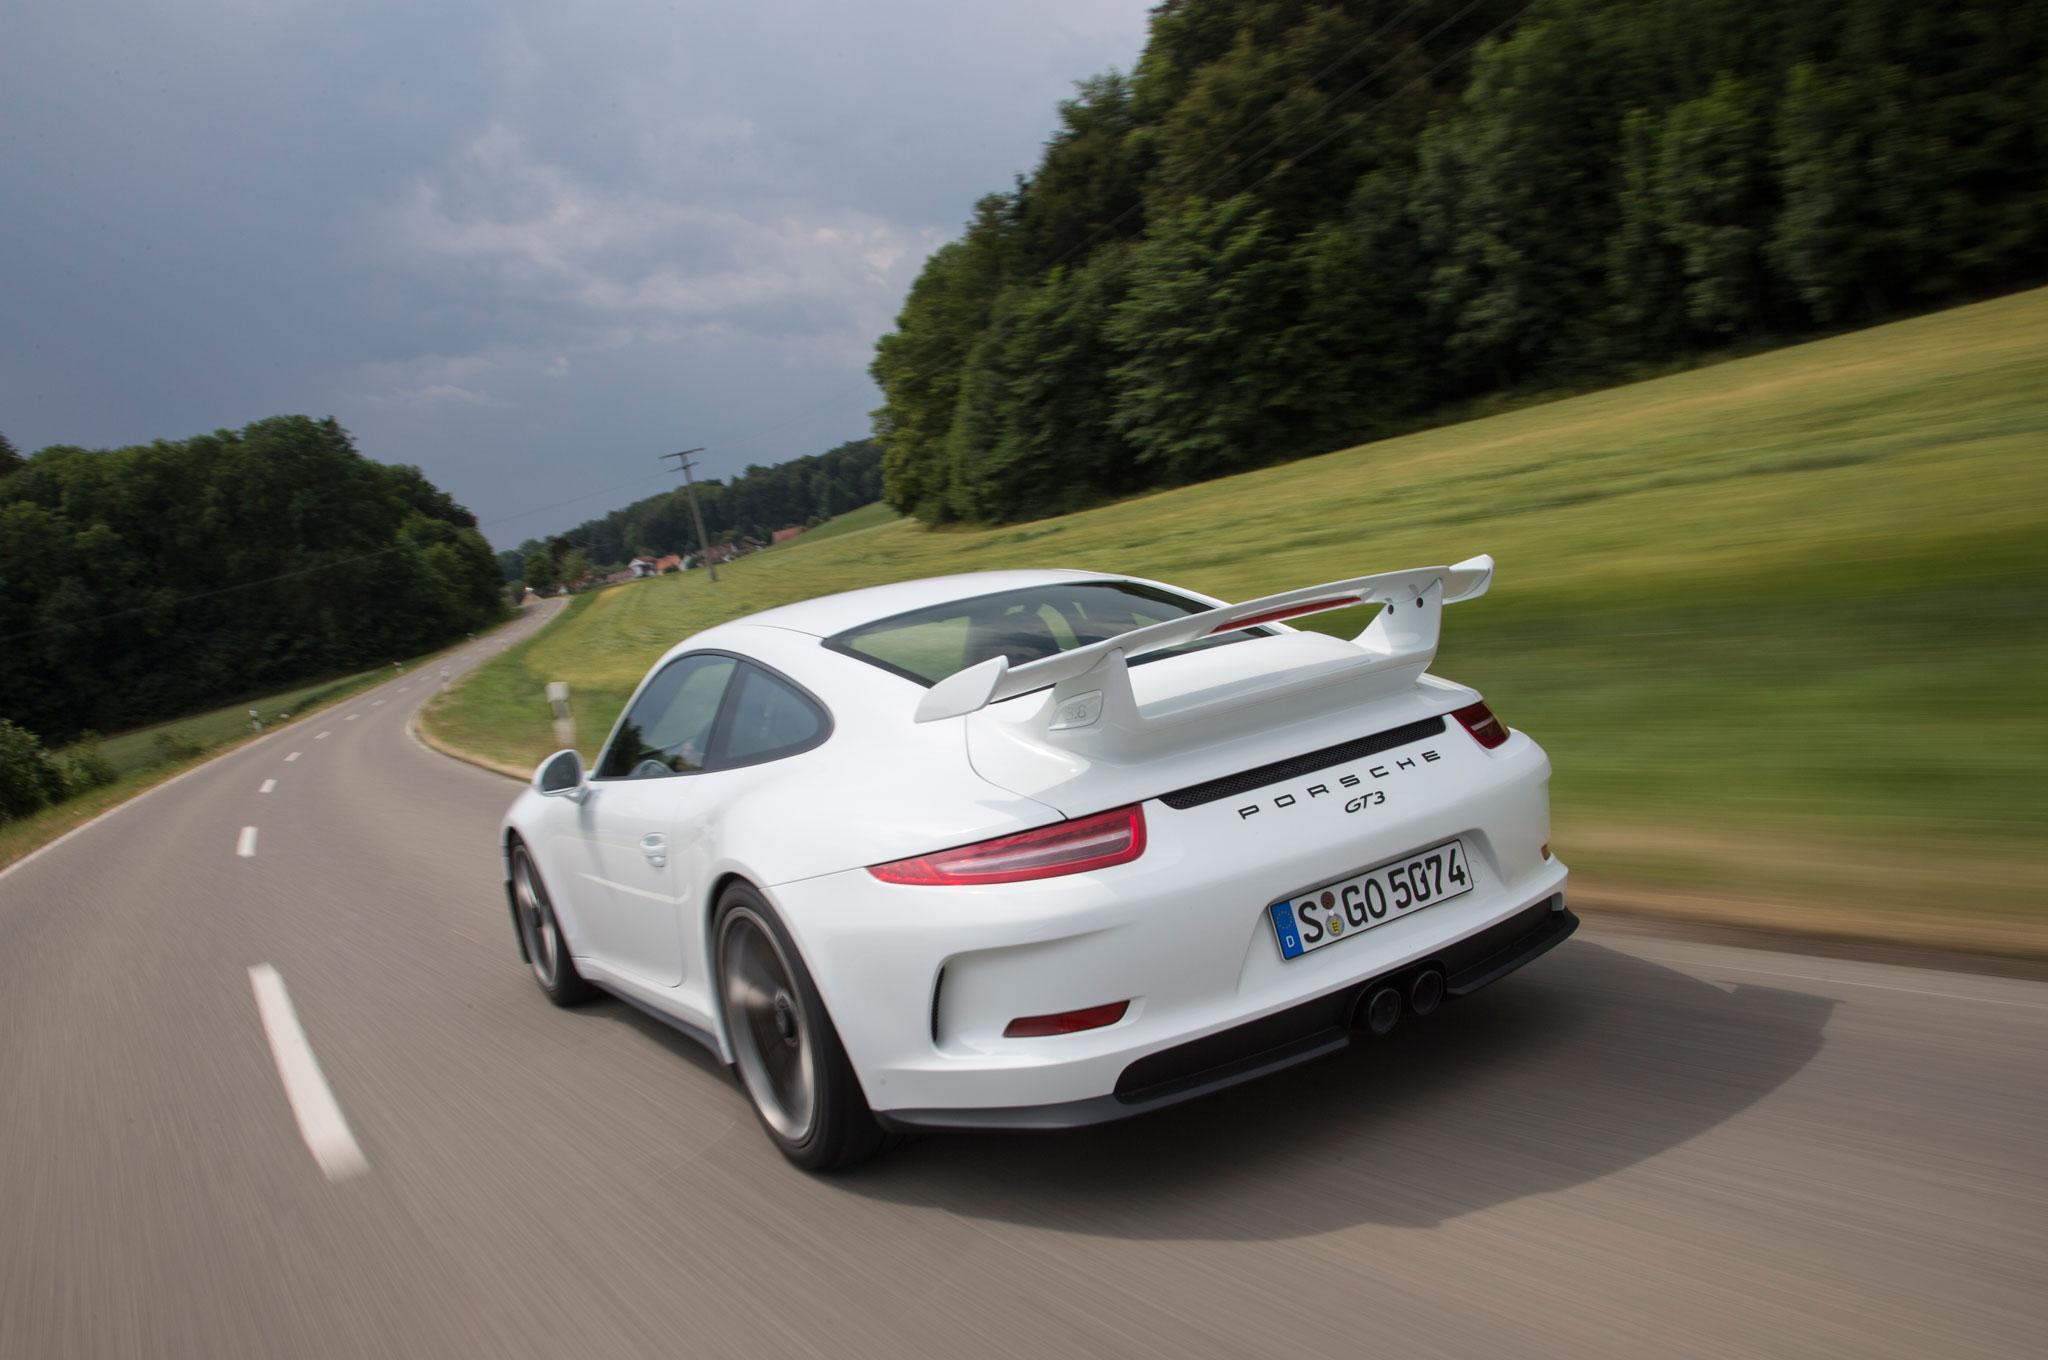 2014 Porsche 911 GT3 Rear Left View 24